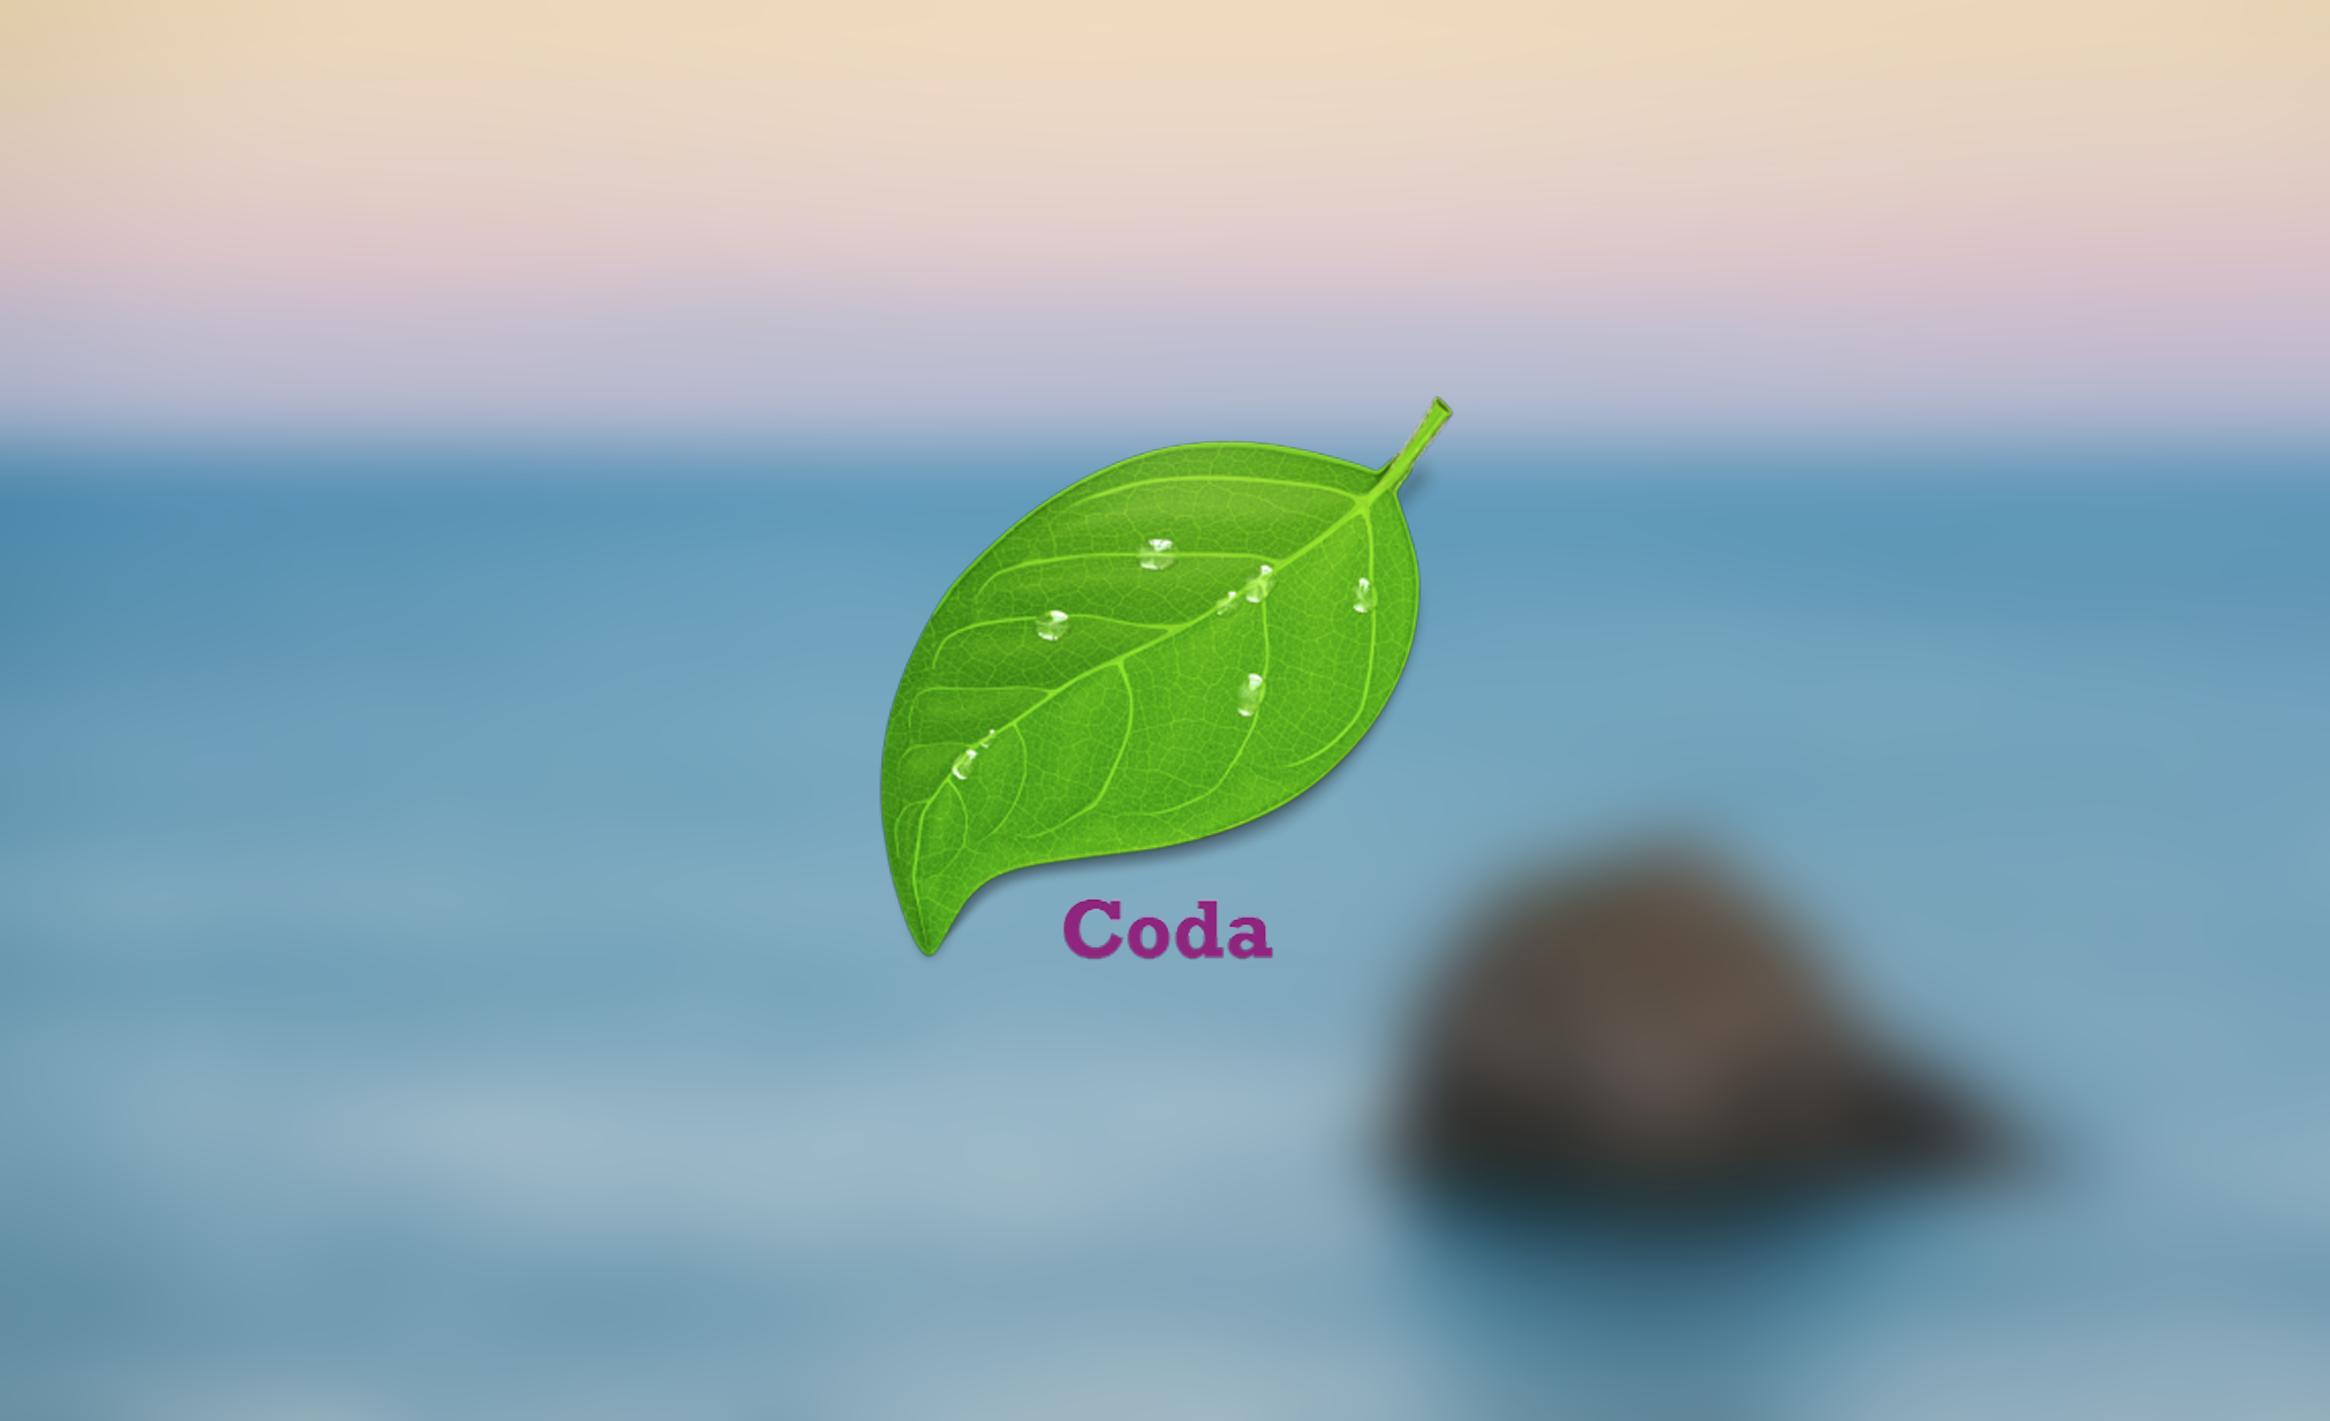 Coda 2